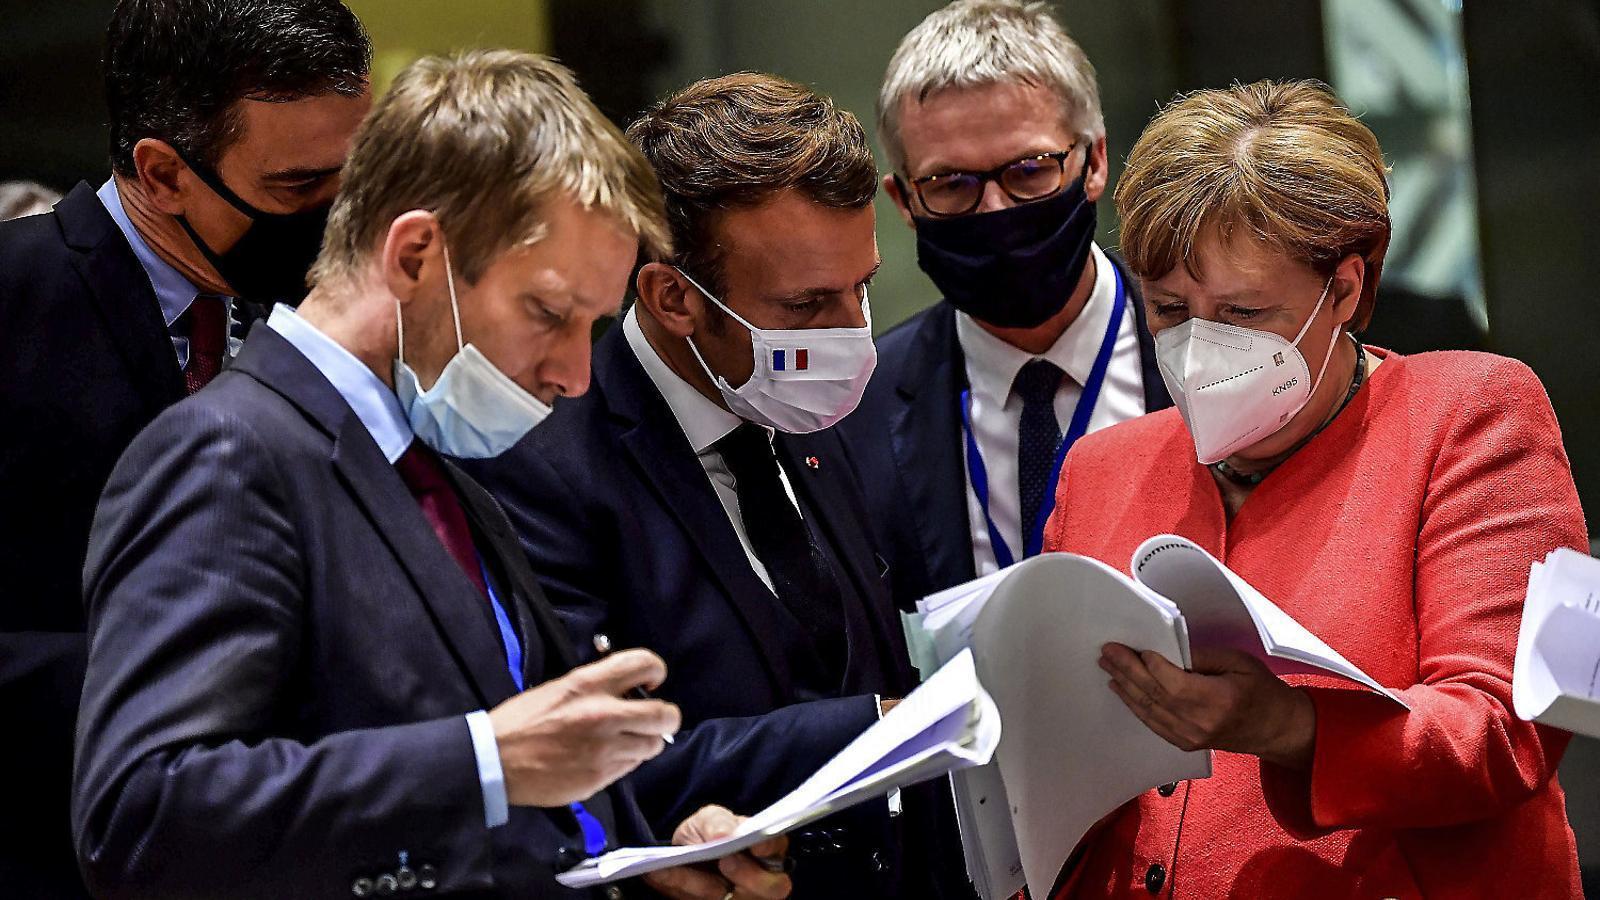 Acord salomònic  per reconstruir l'economia de la UE